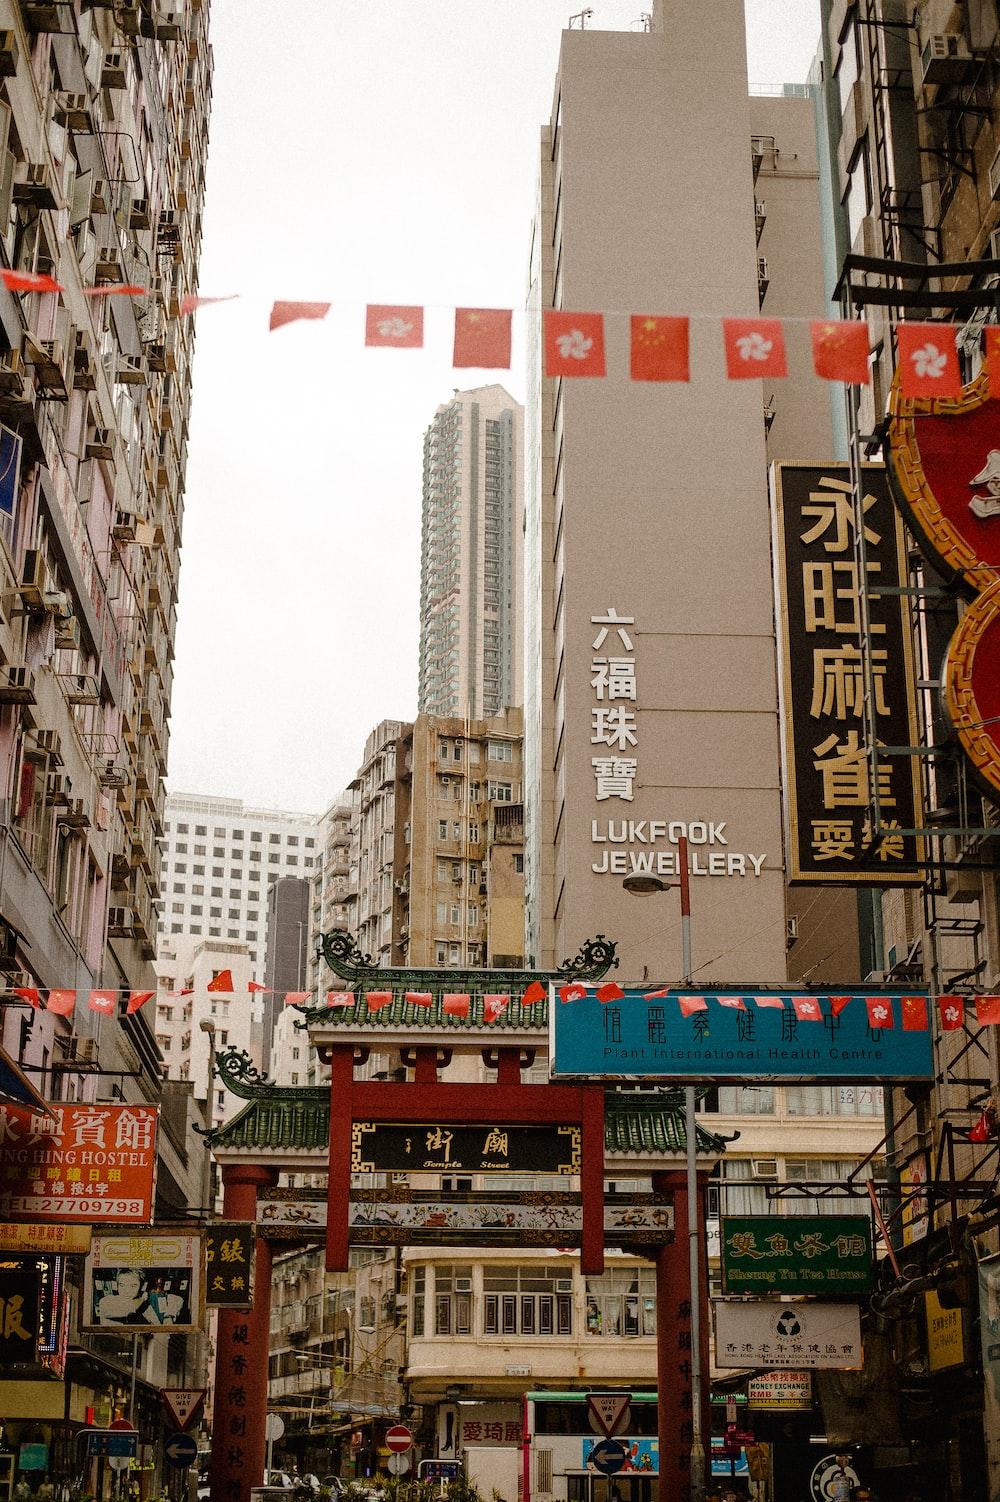 kanji signage on building during daytime photo